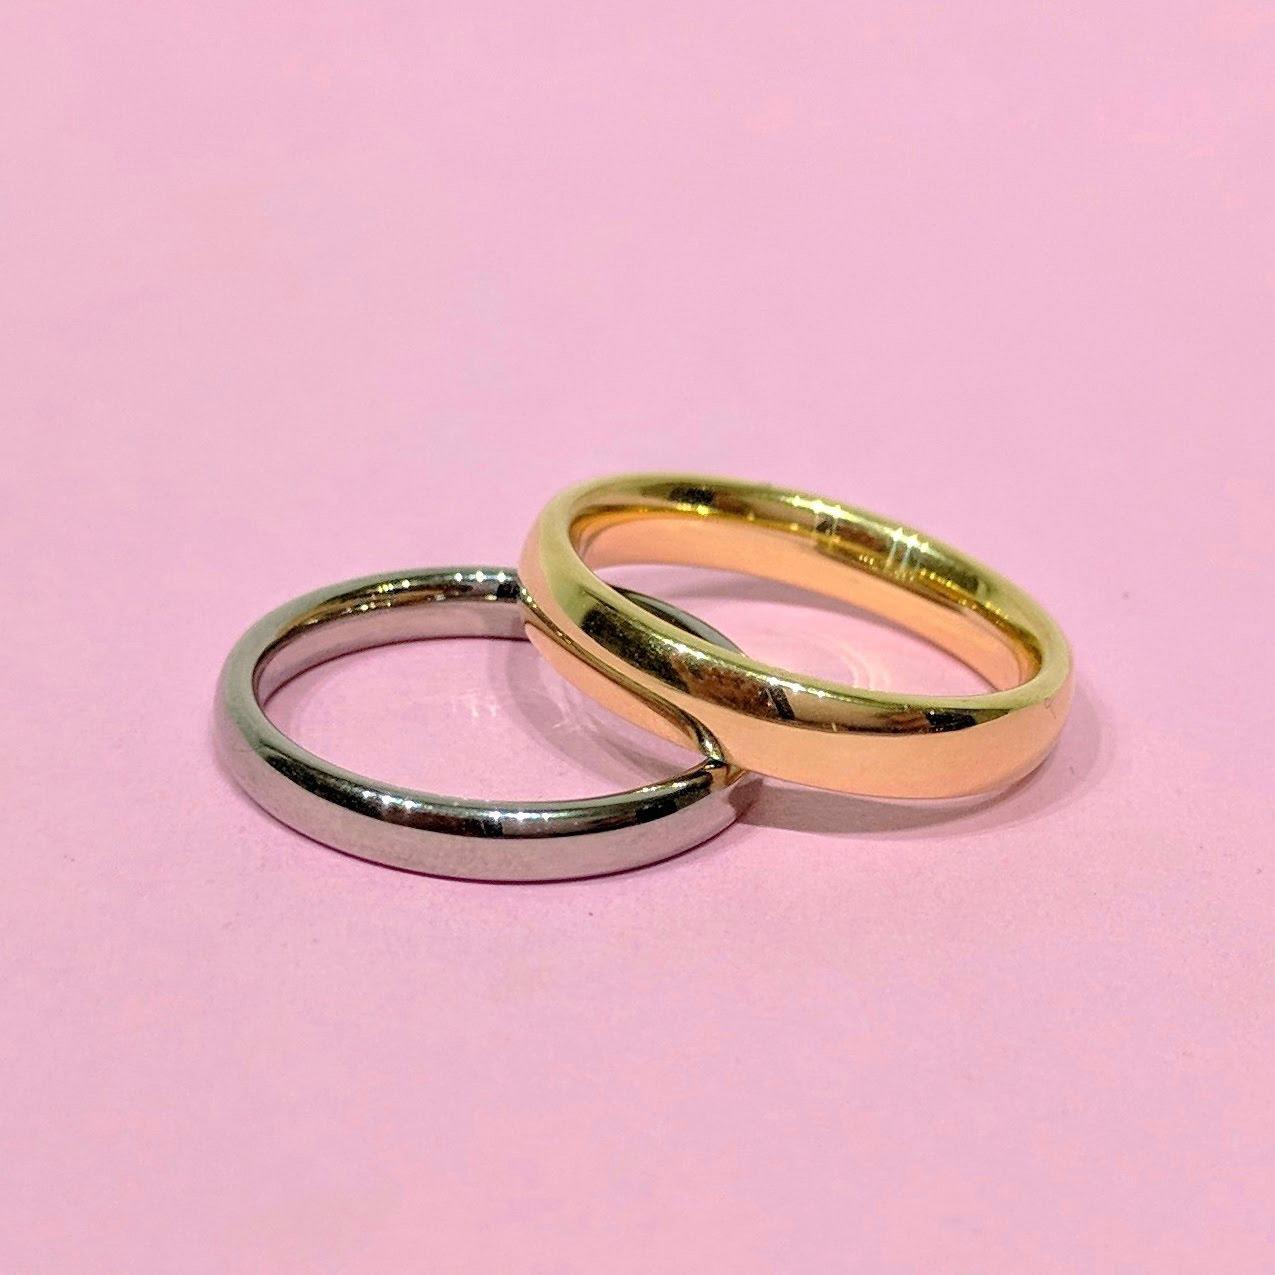 wedding rings - schmuck und illustrationen aus weimar